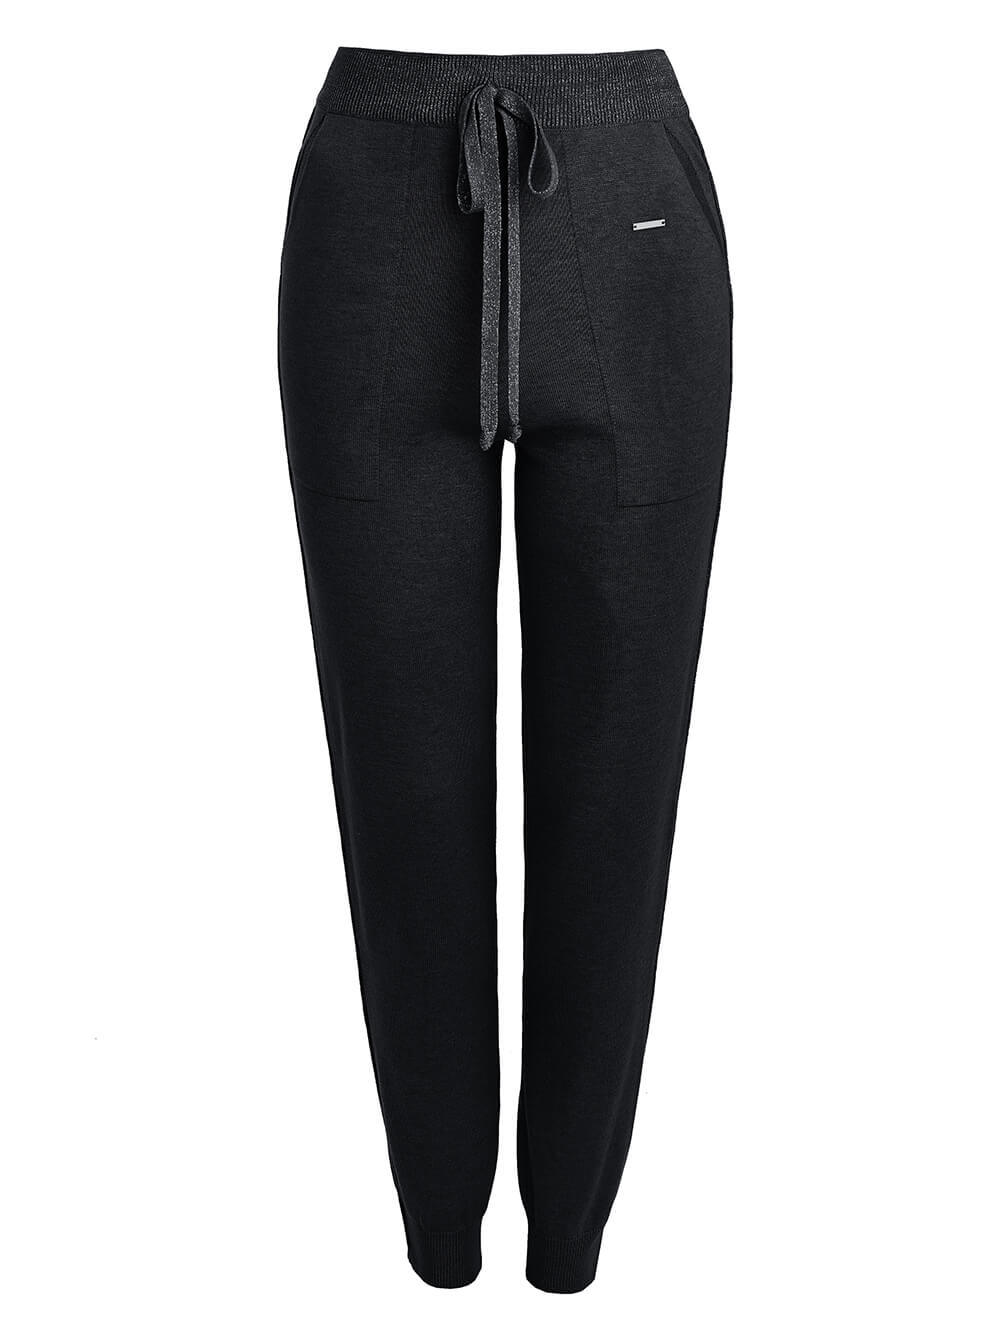 Черные брюки из шёлка и кашемира спортивного силуэта - фото 1